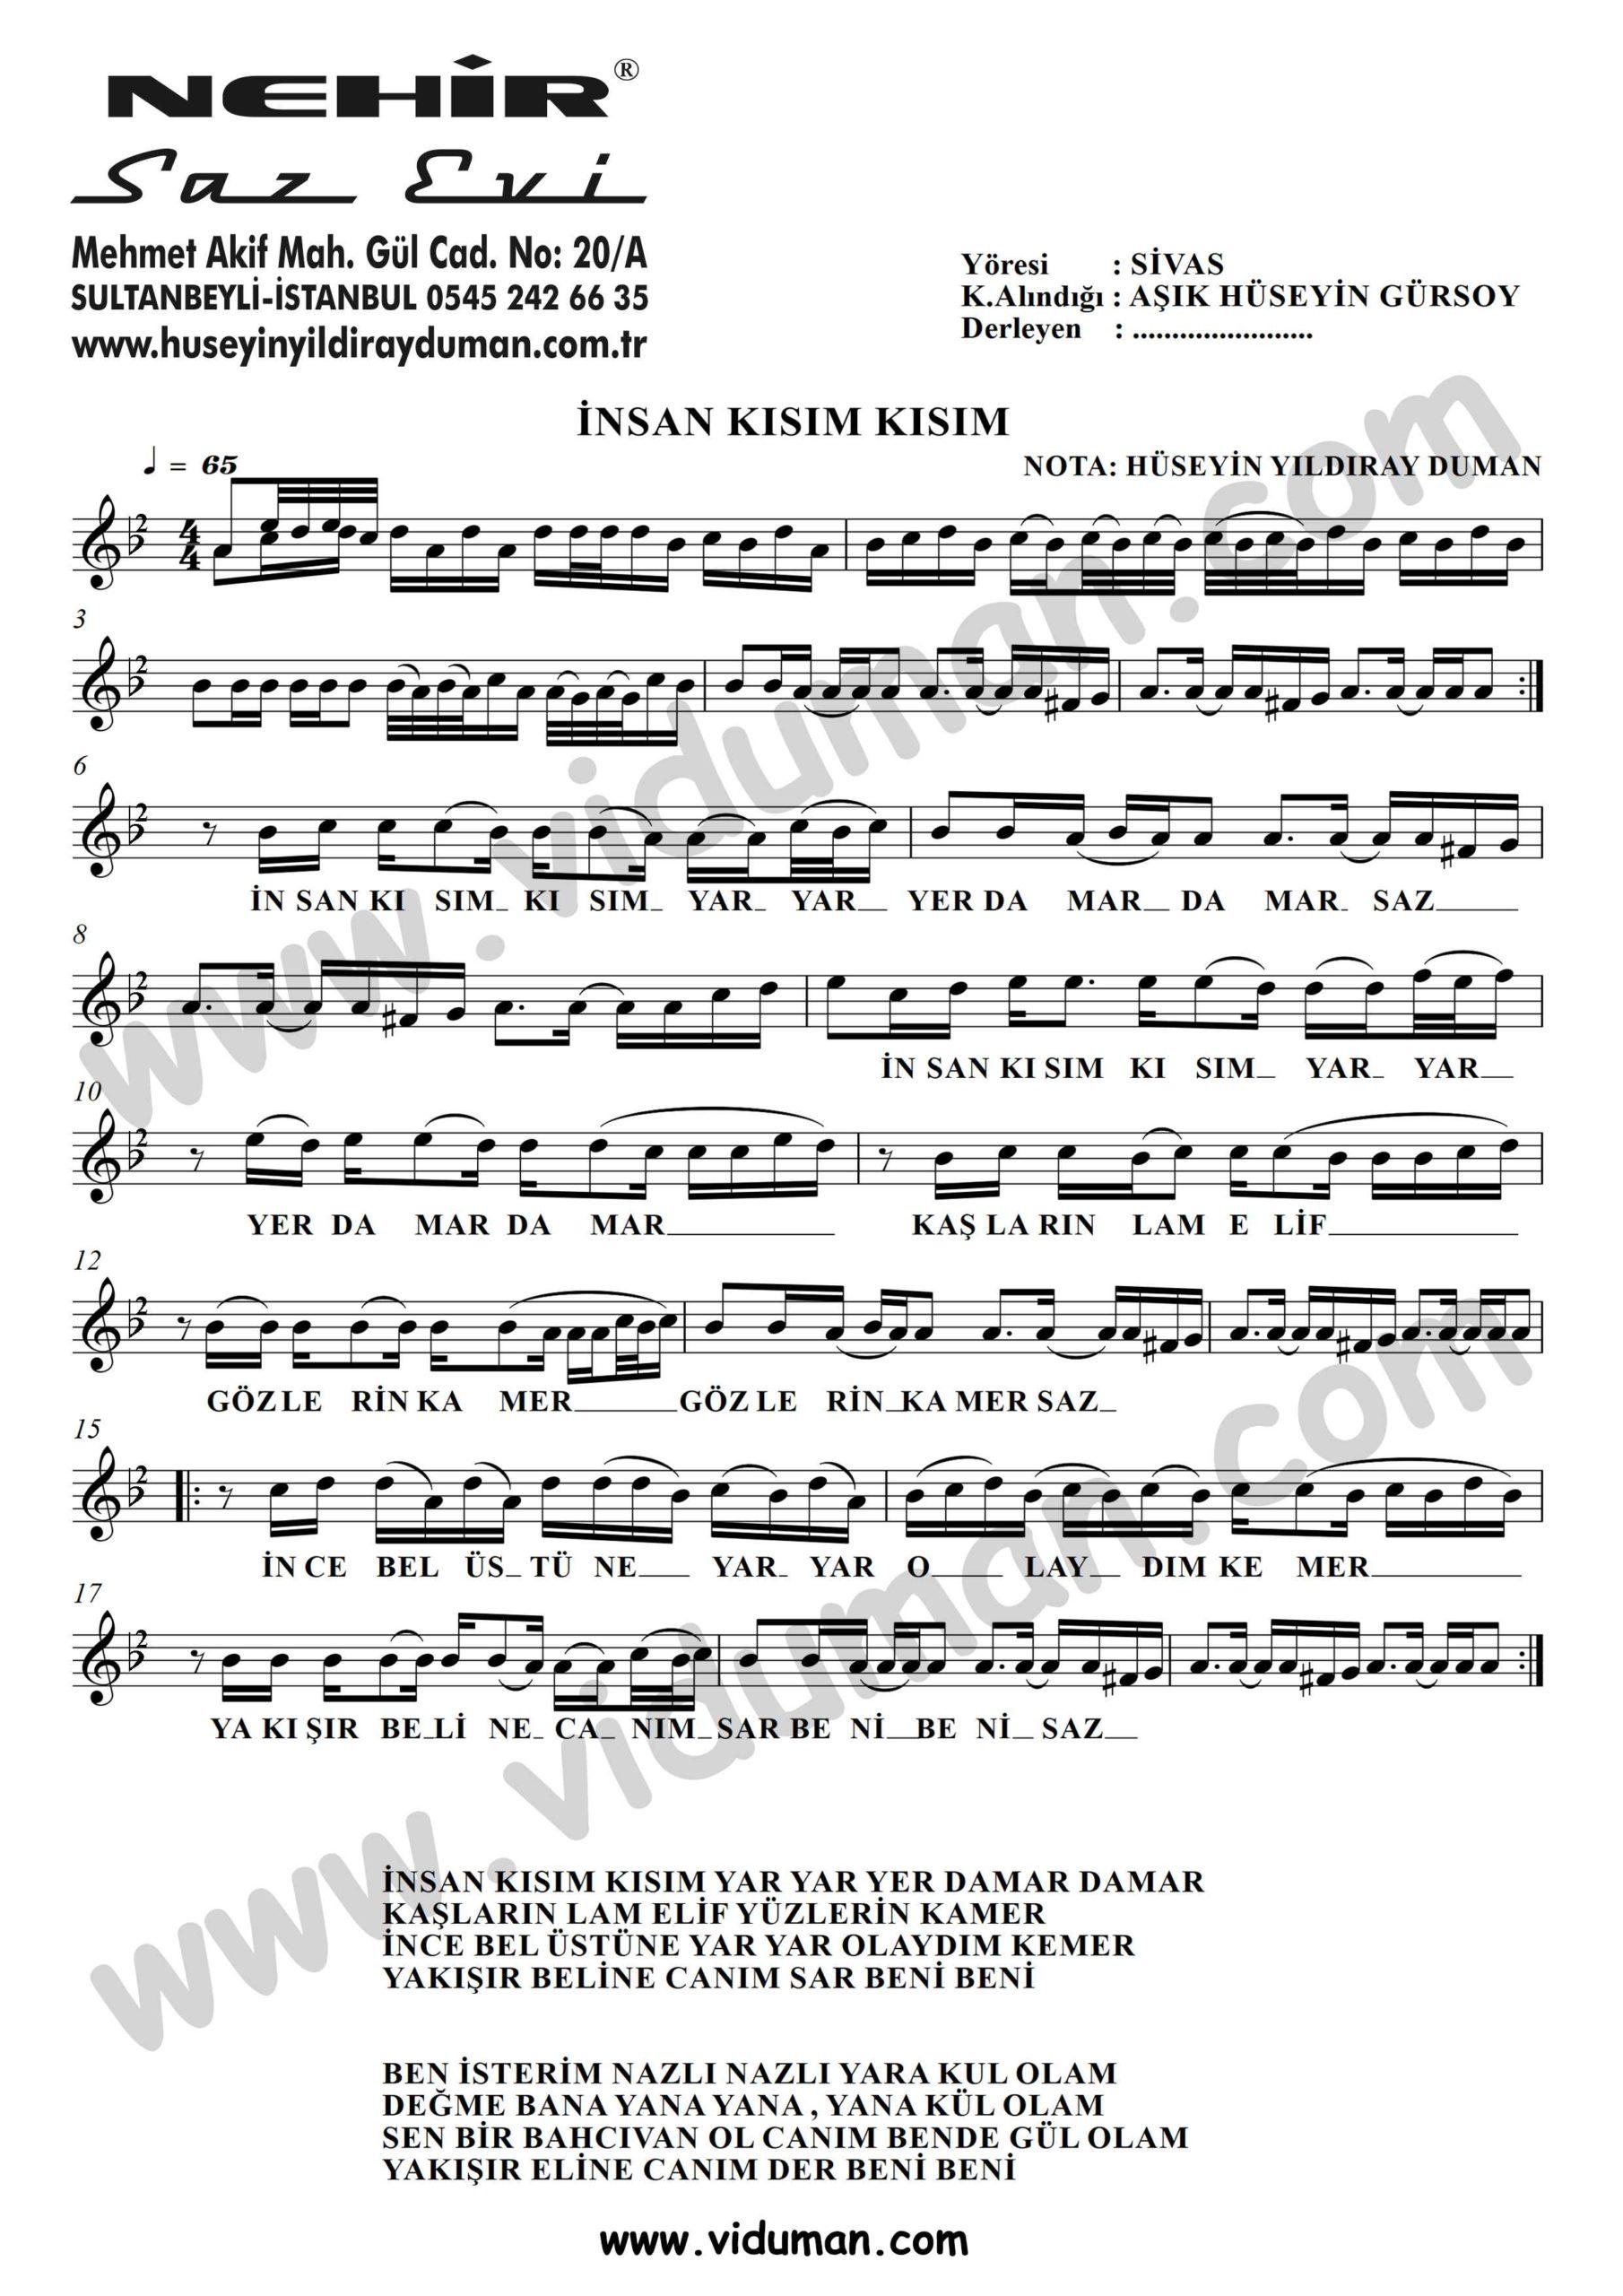 Insan Kisim Kisim-Baglama-Saz-Turku-Notalari